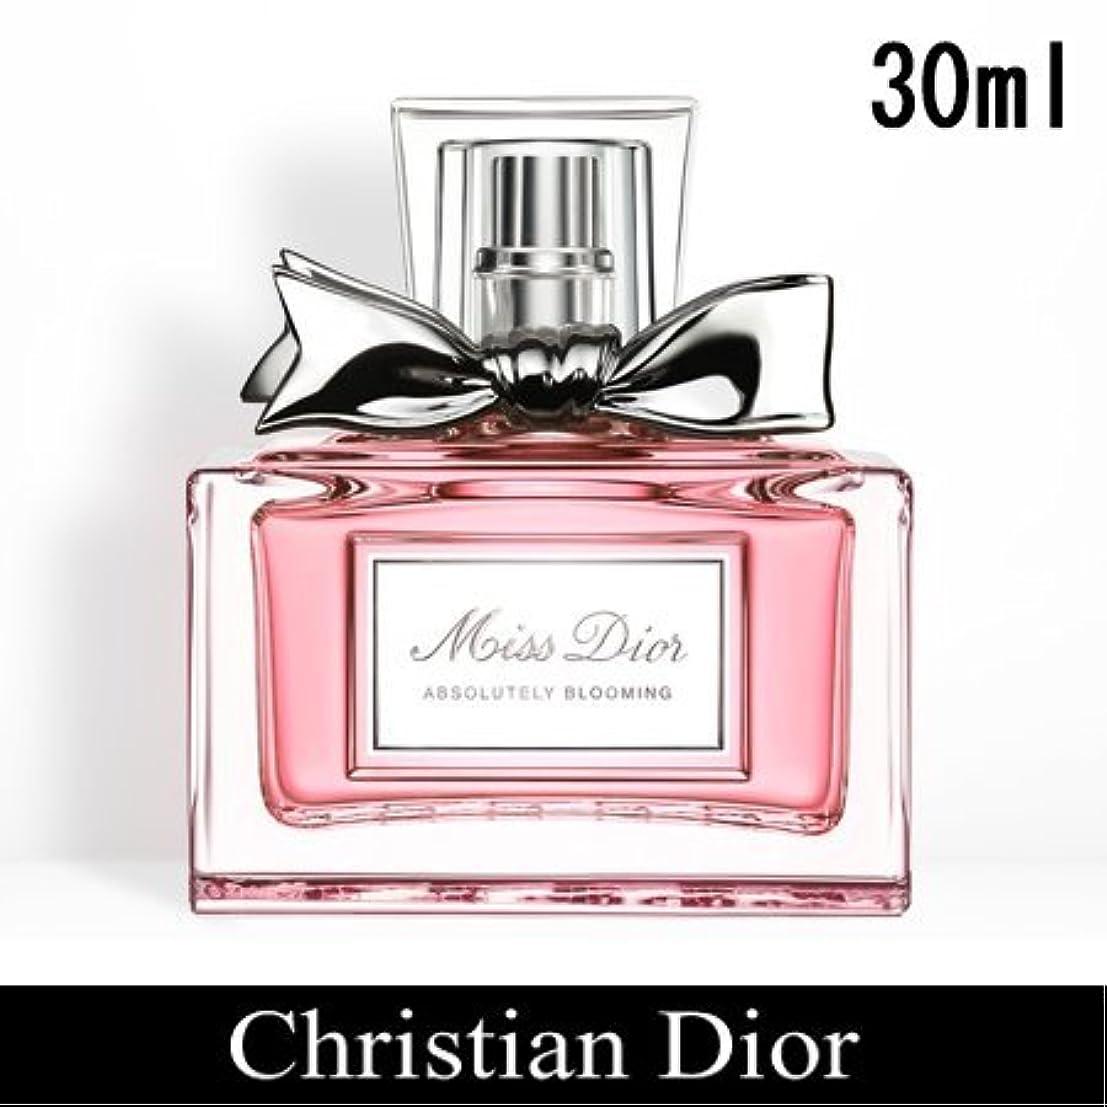 アルファベット溶融微視的クリスチャン ディオール(Christian Dior) ミス ディオール アブソリュートリー ブルーミング 30ml[並行輸入品]